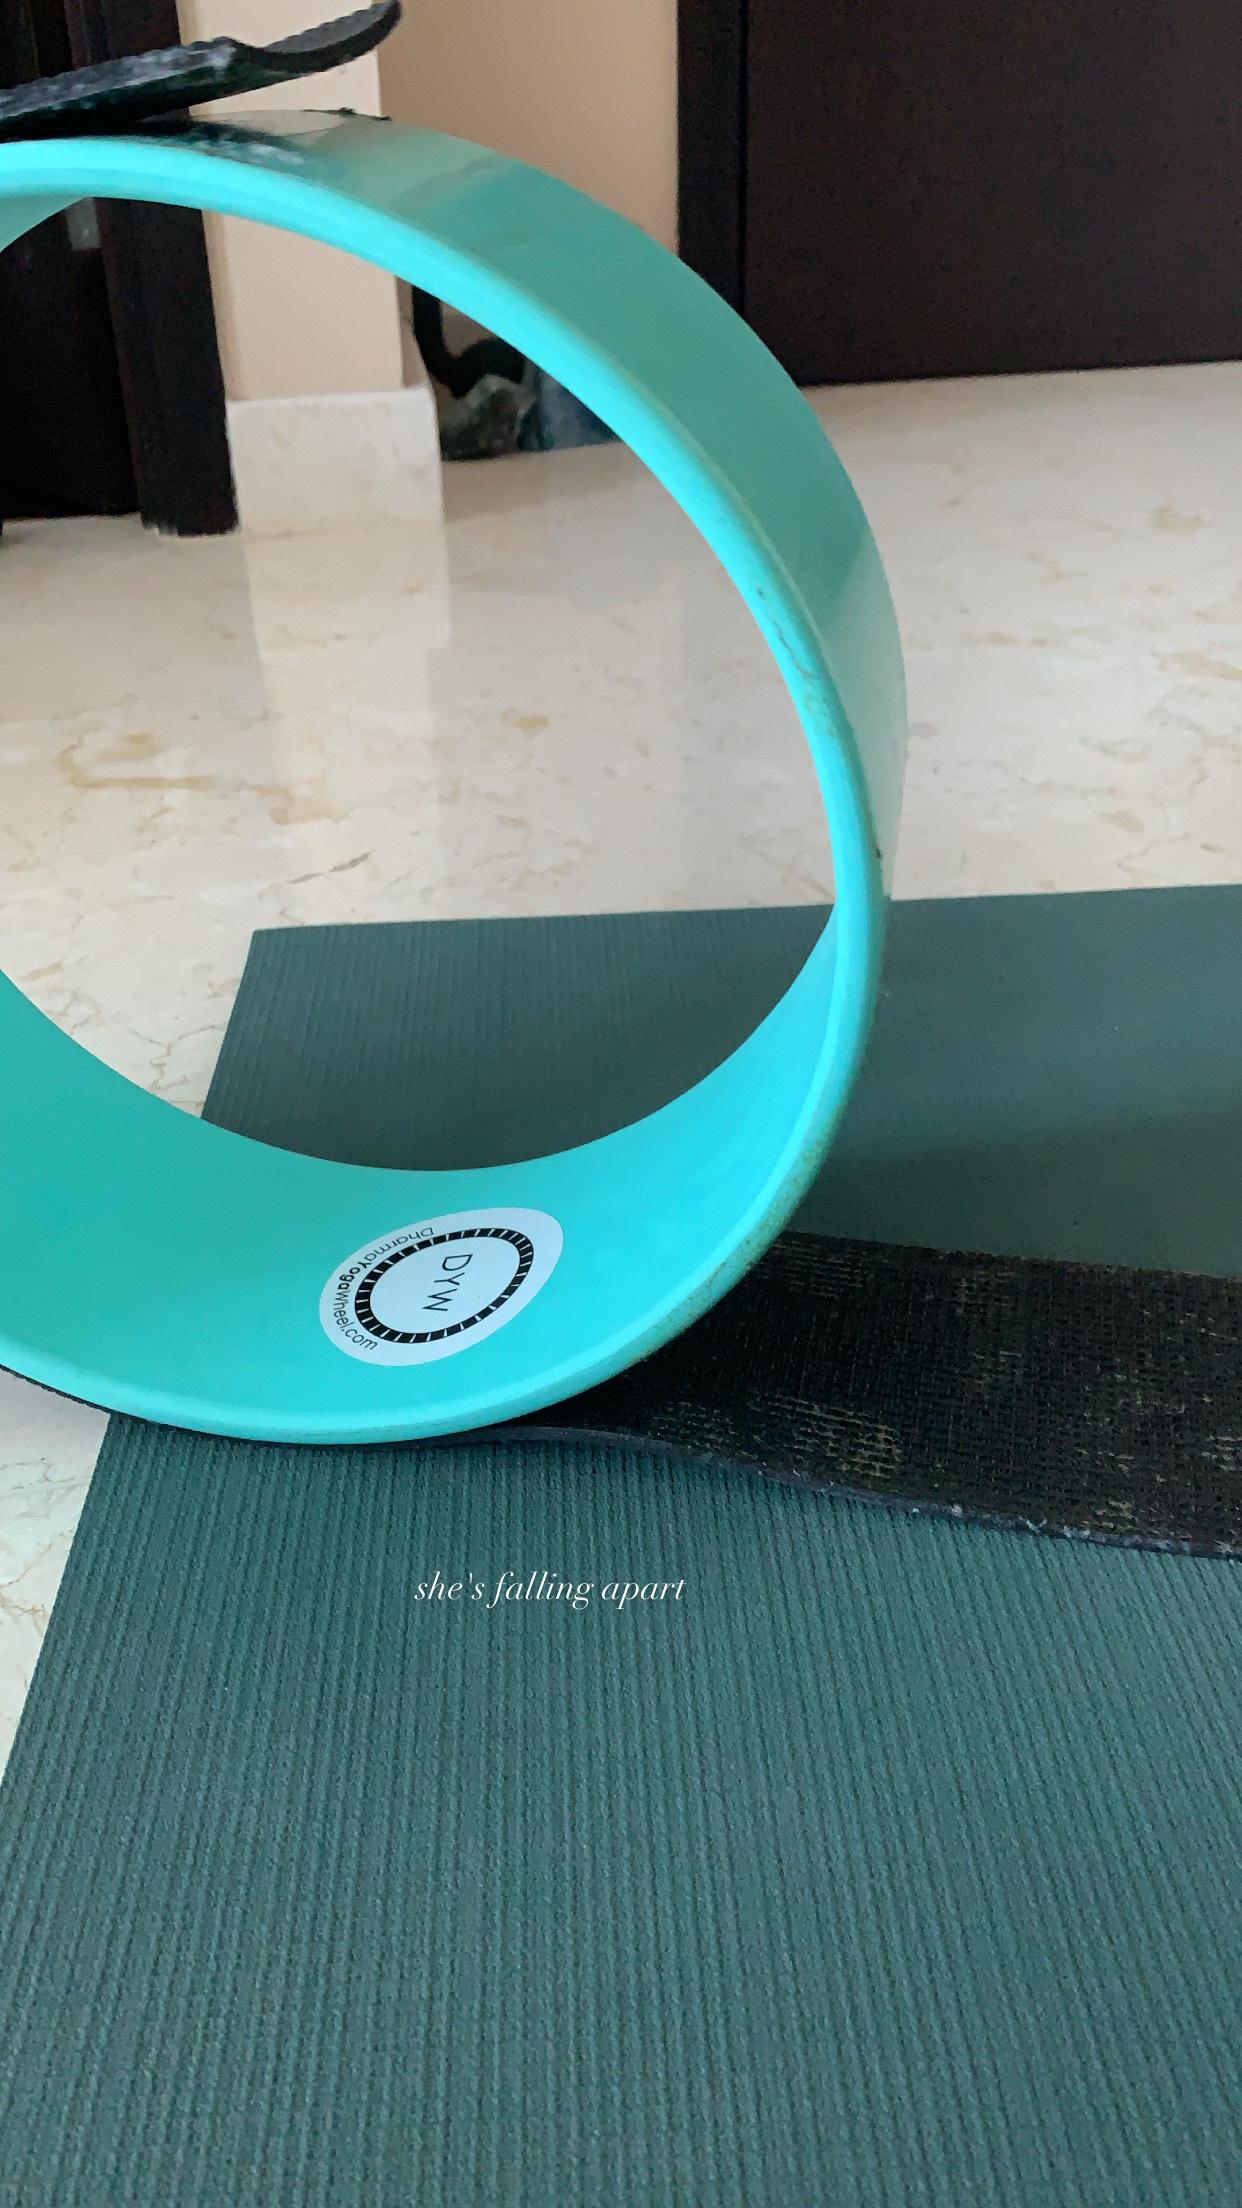 yogawheel yoga stretching flexibility